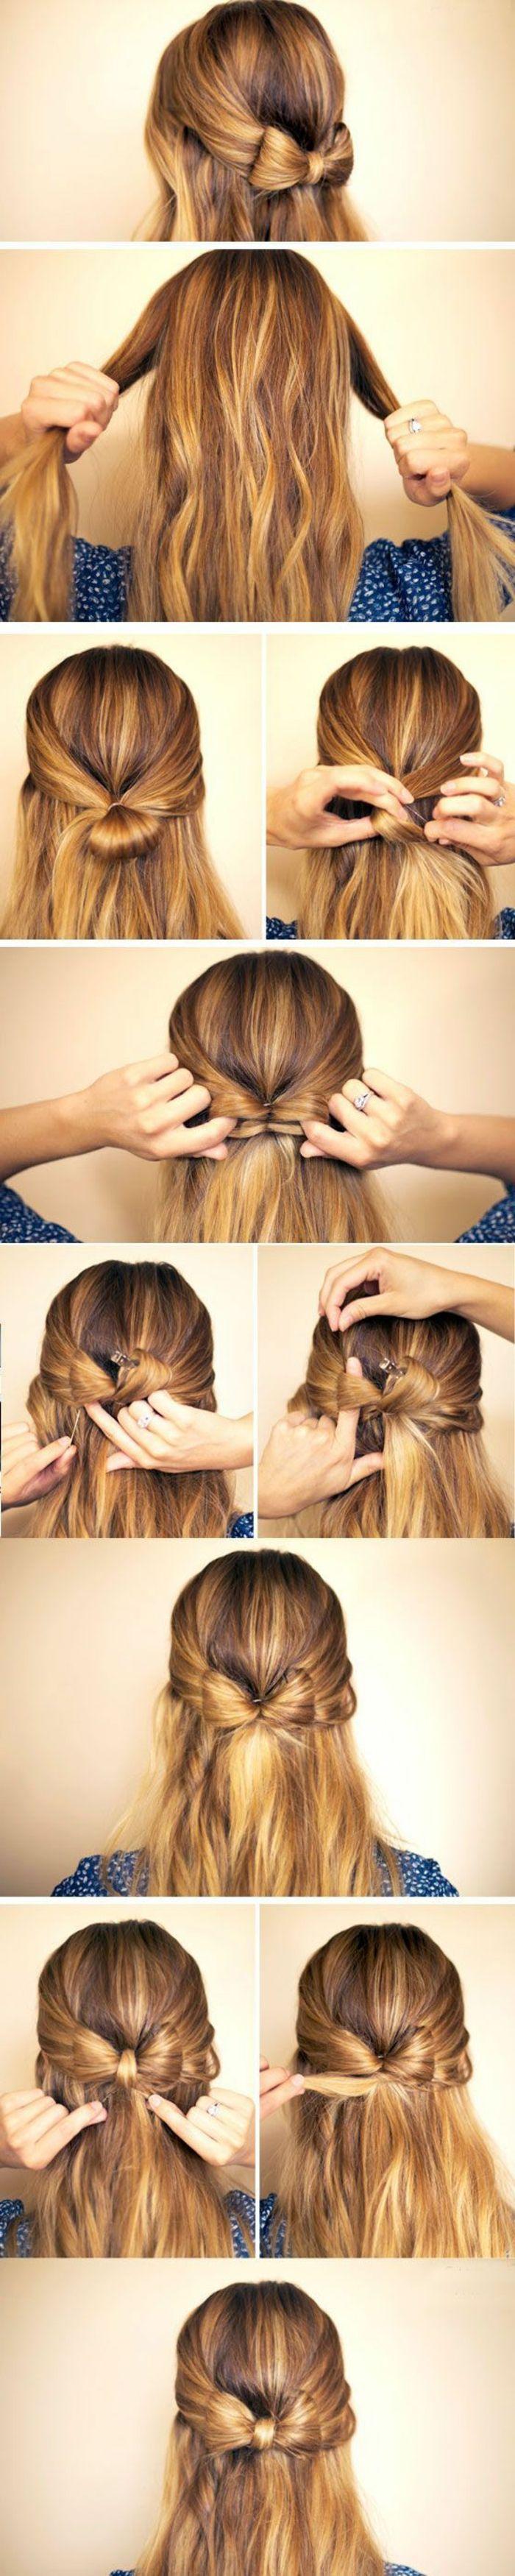 trenzas-de-moda-cabello-largo-rubio-simple-peinado-con-cinta-de-pelo